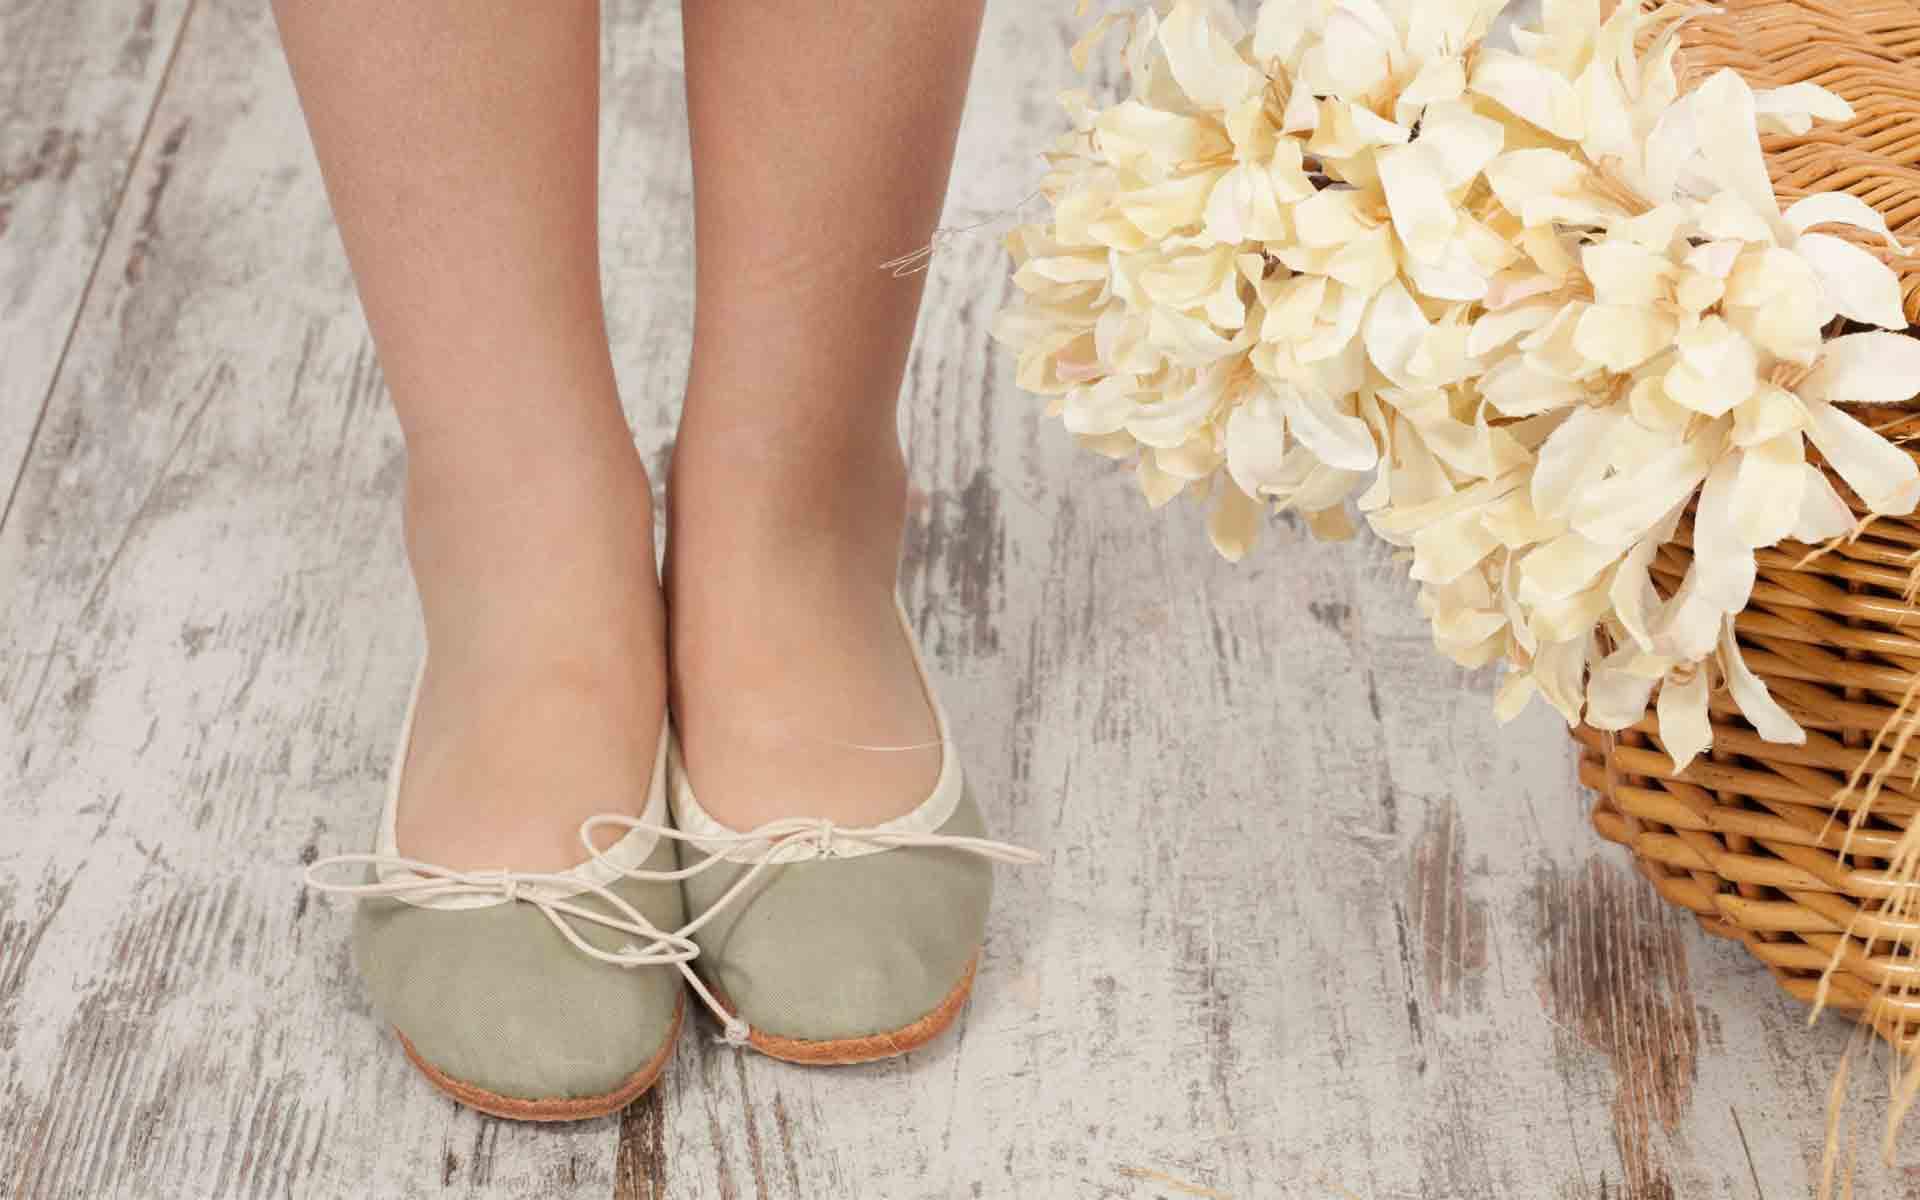 6c72d3ee8 Y Vestidos Zapatos De Quémono Colección Comunion Ceremonia w7apqCXX4 ...